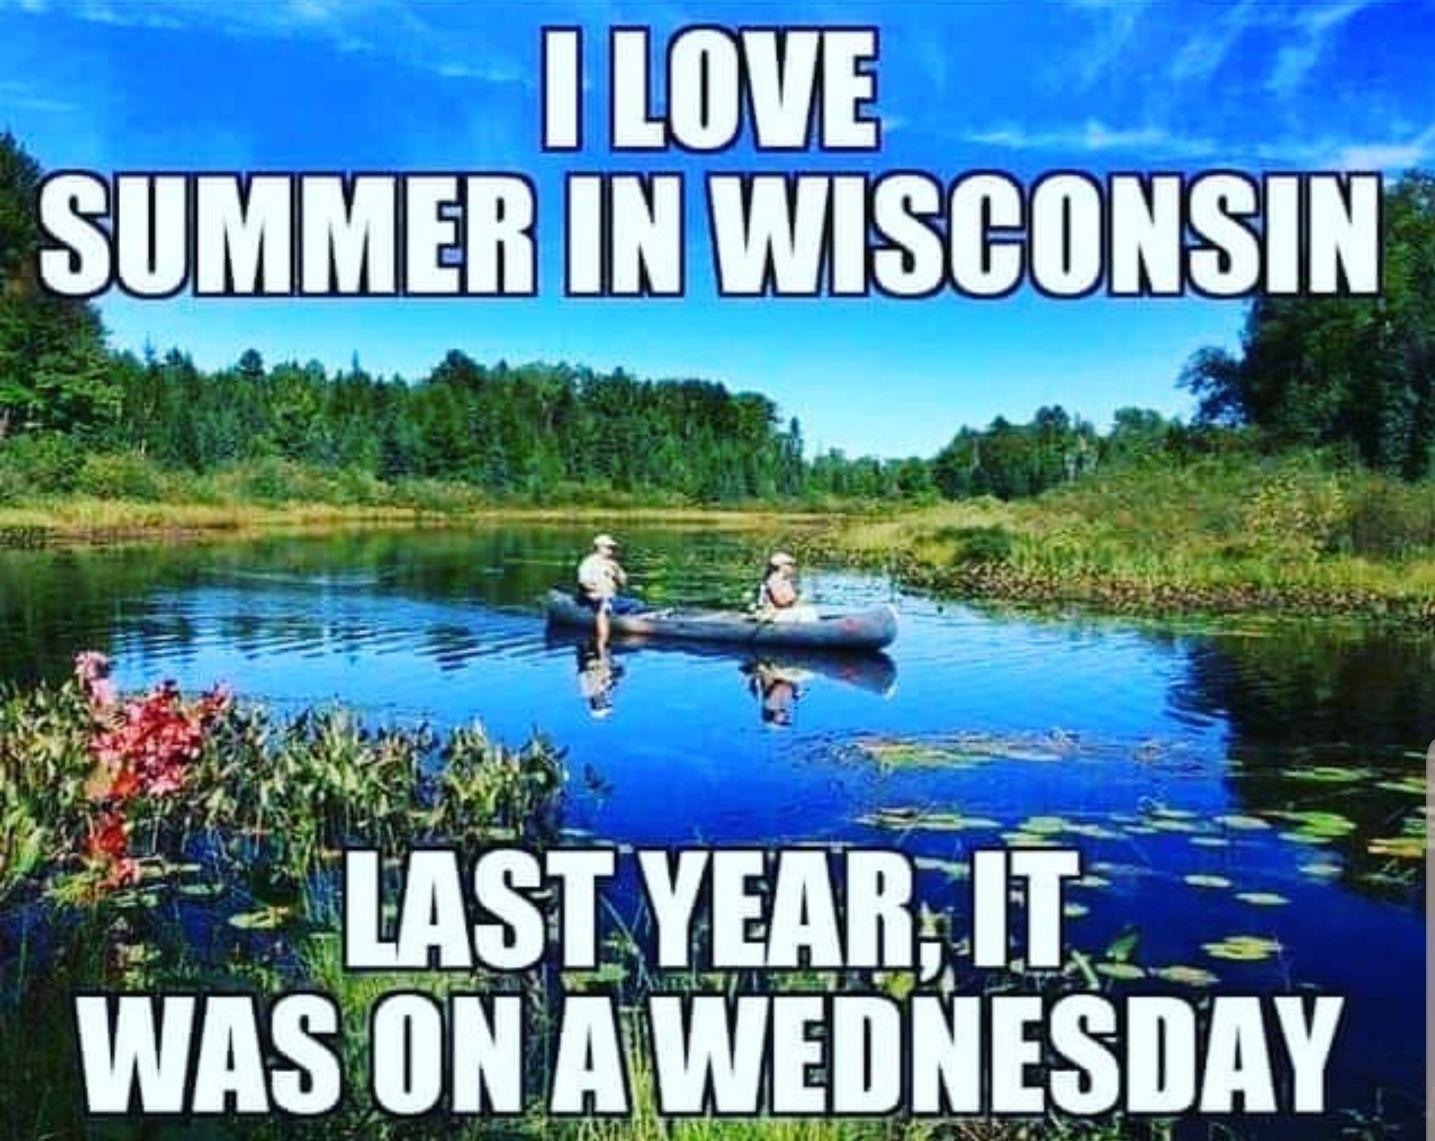 Summers in Wisconsin